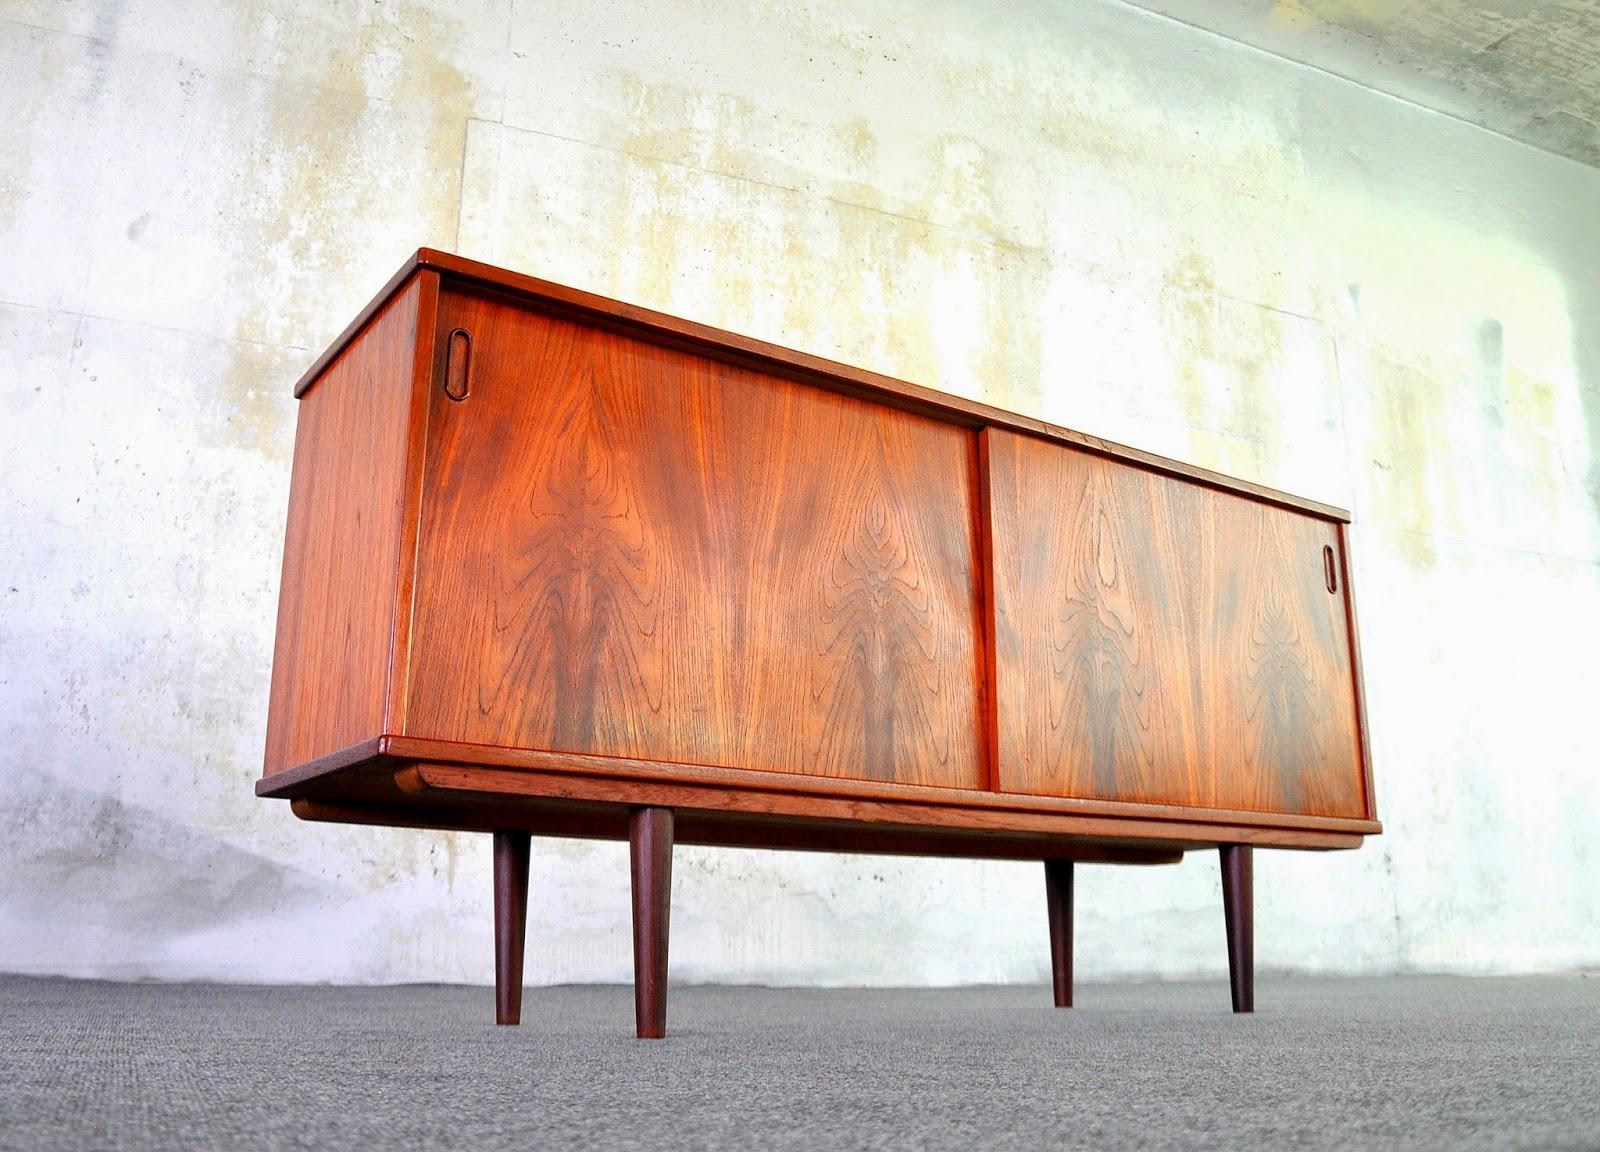 Credenza Danish Modern : Select modern danish teak credenza buffet sideboard or bar